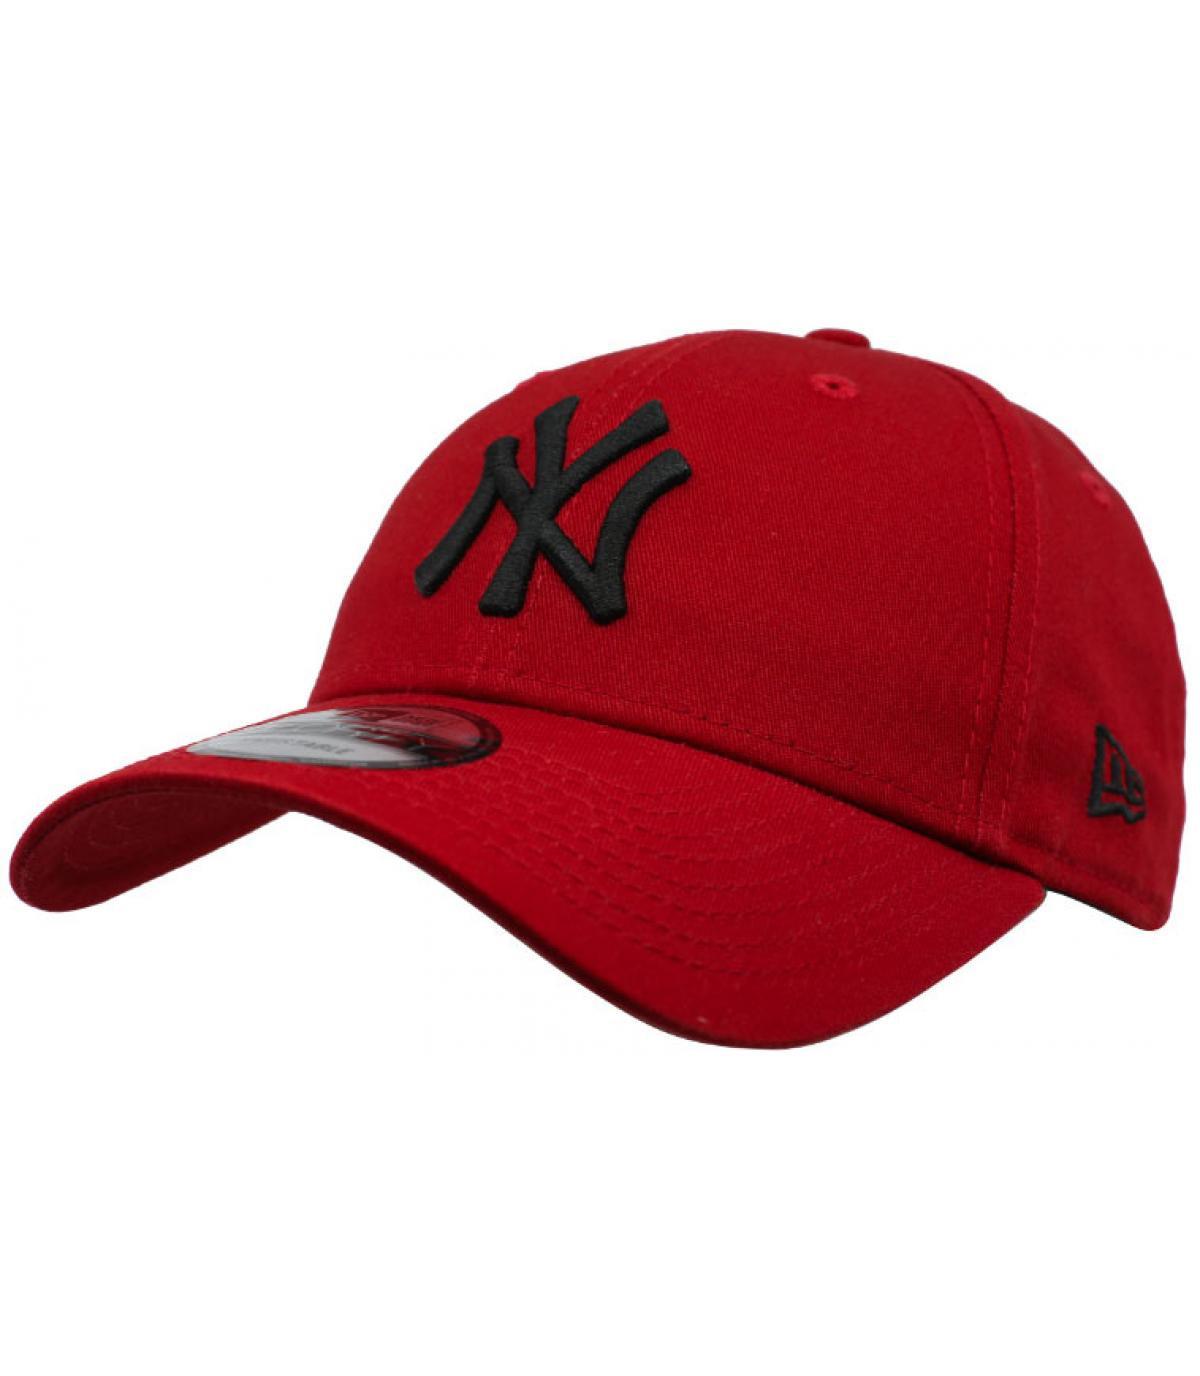 Détails Casquette Kids League Ess NY 9Forty hot red black - image 2